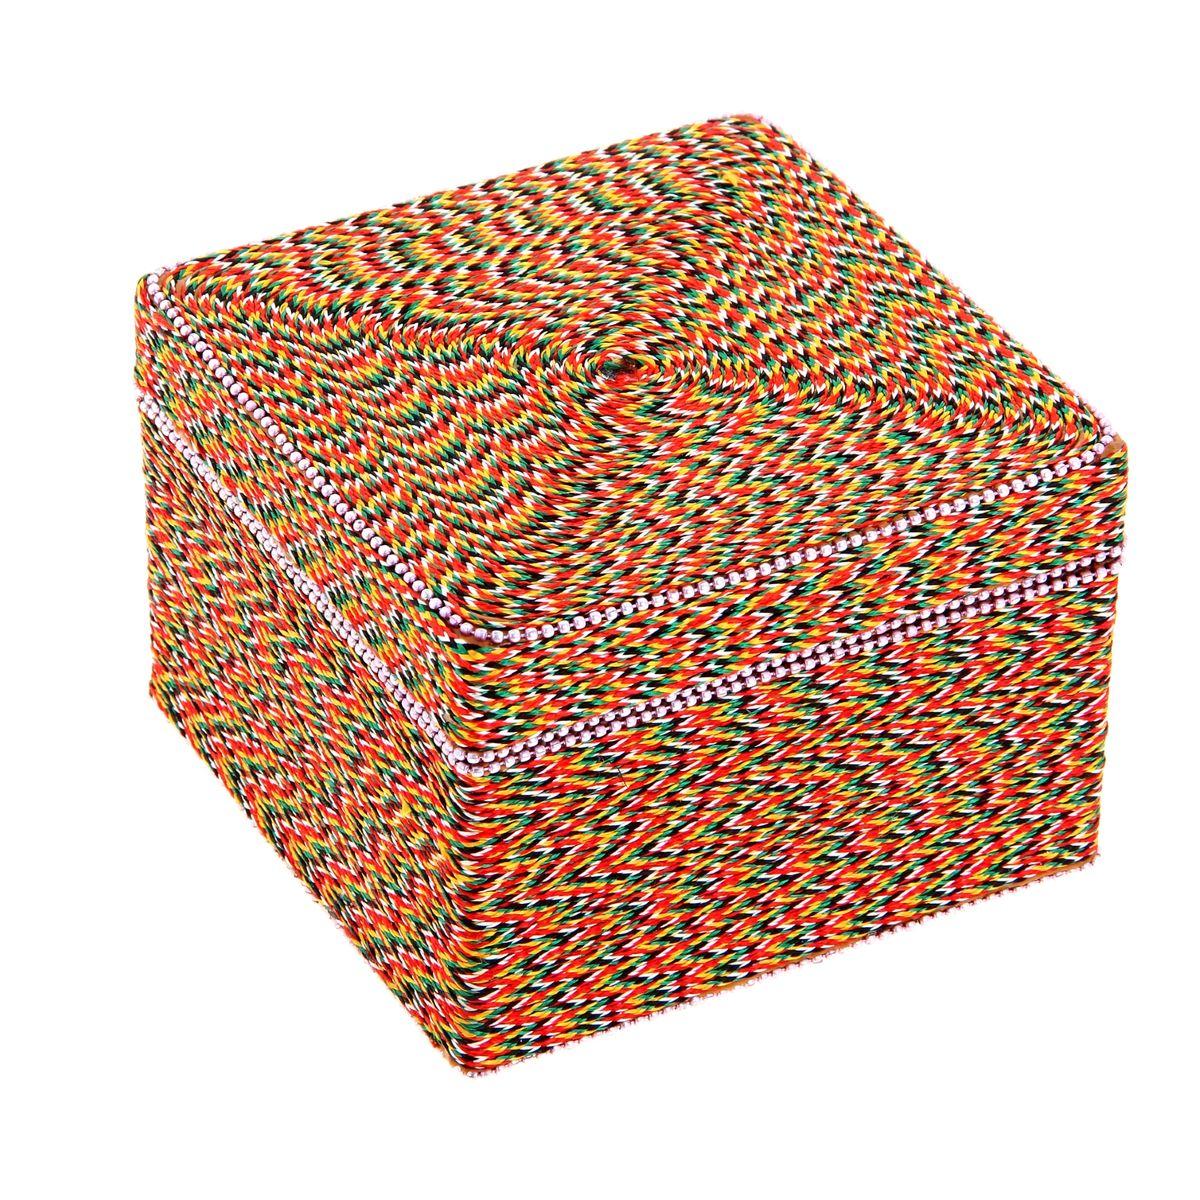 Шкатулка Sima-land Тесьма, 13 см х 13 см х 9,3 см10850/1W GOLD IVORYШкатулка Sima-land Тесьма выполнена из высококачественного МДФ. Снаружи шкатулка декорирована разноцветным шнурком. Внутри одно большое отделение. Разве может истинная ценительница украшений остаться равнодушной при виде такой эффектной шкатулки? Ее сразу хочется наполнить различными аксессуарами, ювелирными украшениями и красивой бижутерией. Тогда вперед, заполните до краев эту индийскую вещицу!